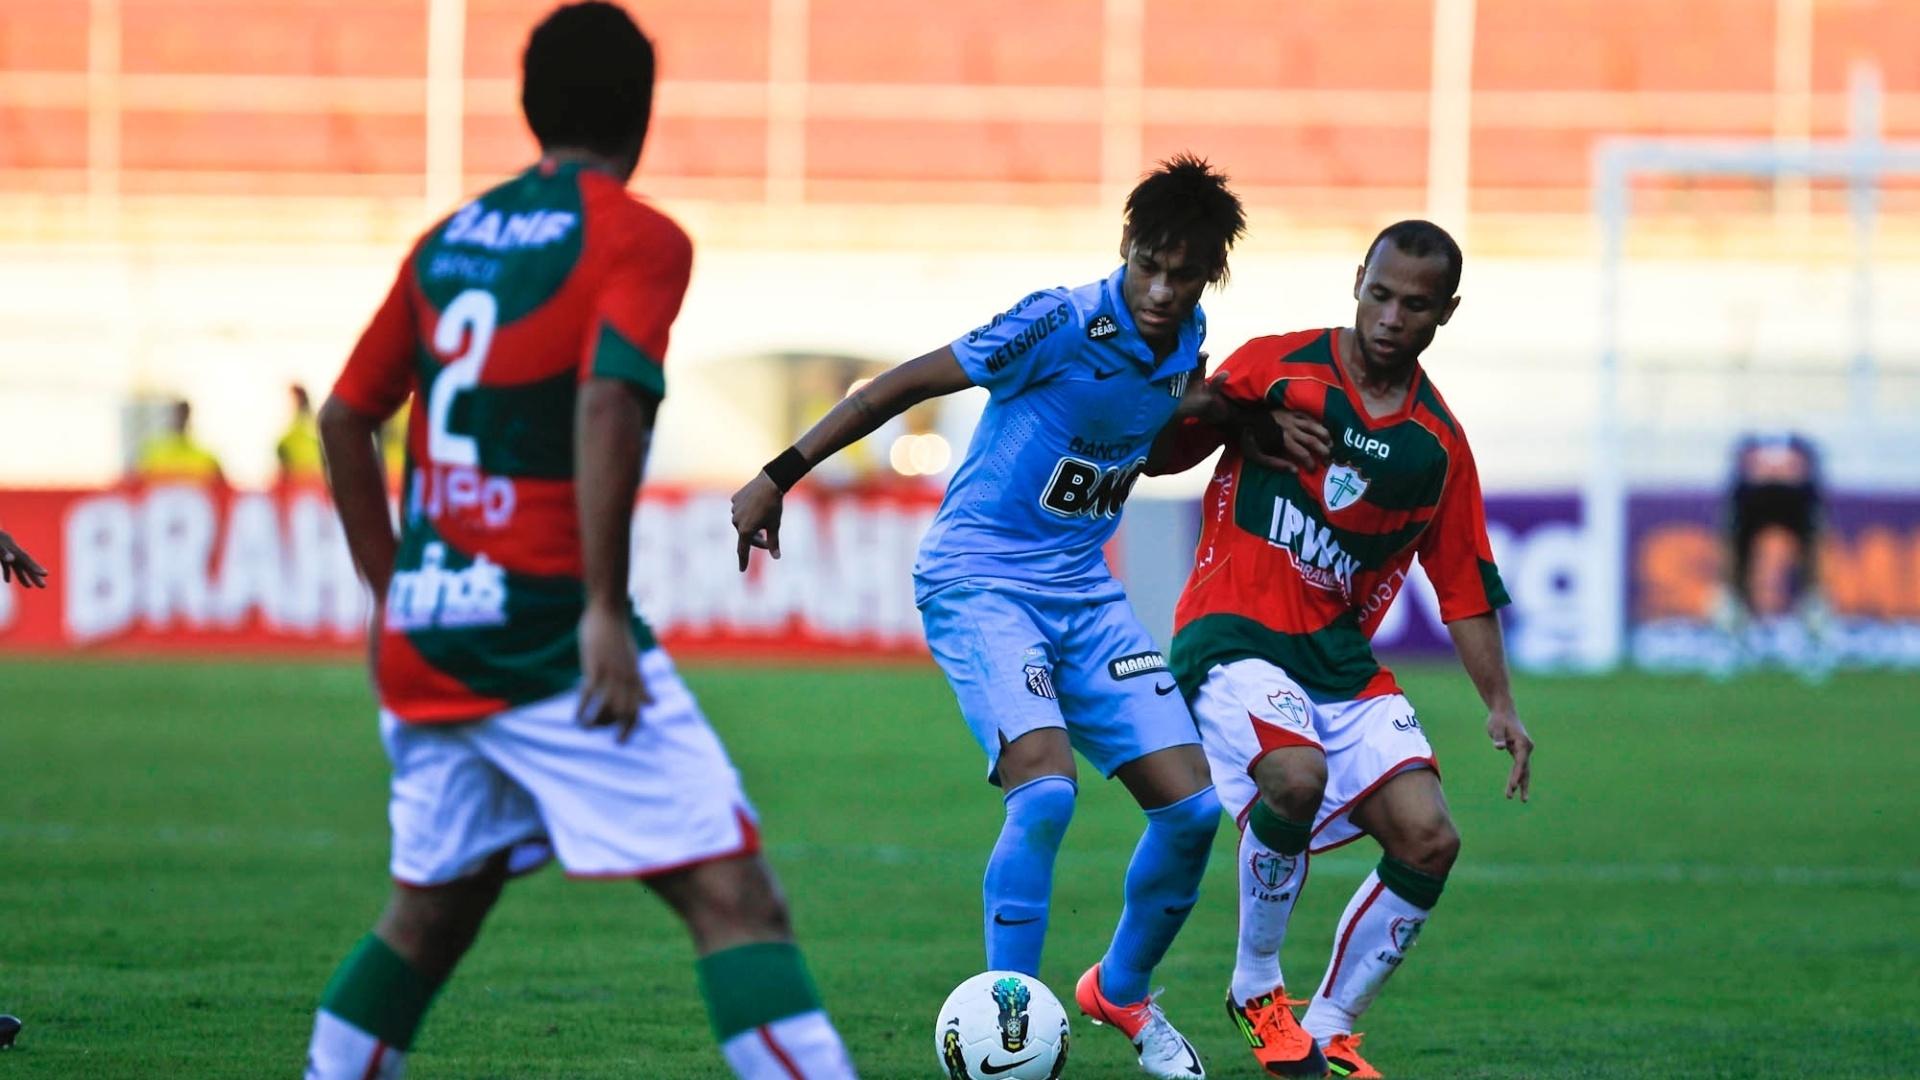 Neymar é cercado por dois marcadores da Portuguesa durante o jogo realizado no Canindé